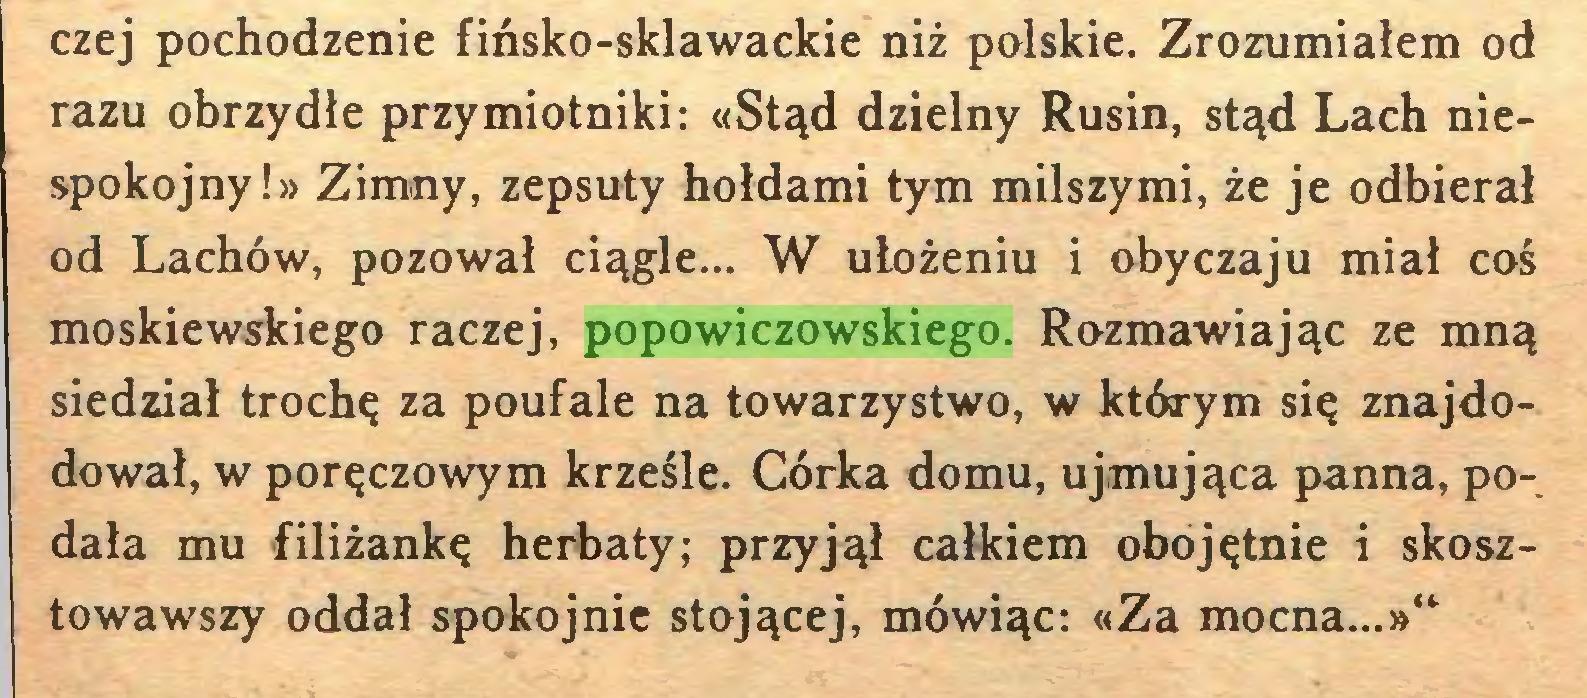 """(...) czej pochodzenie fińsko-sklawackie niż polskie. Zrozumiałem od razu obrzydłe przymiotniki: «Stąd dzielny Rusin, stąd Lach niespokojny!» Zimny, zepsuty hołdami tym milszymi, że je odbierał od Lachów, pozował ciągle... W ułożeniu i obyczaju miał coś moskiewskiego raczej, popowiczowskiego. Rozmawiając ze mną siedział trochę za poufale na towarzystwo, w którym się znajdodował, w poręczowym krześle. Córka domu, ujmująca panna, podała mu filiżankę herbaty; przyjął całkiem obojętnie i skosztowawszy oddał spokojnie stojącej, mówiąc: «Za mocna...»""""..."""